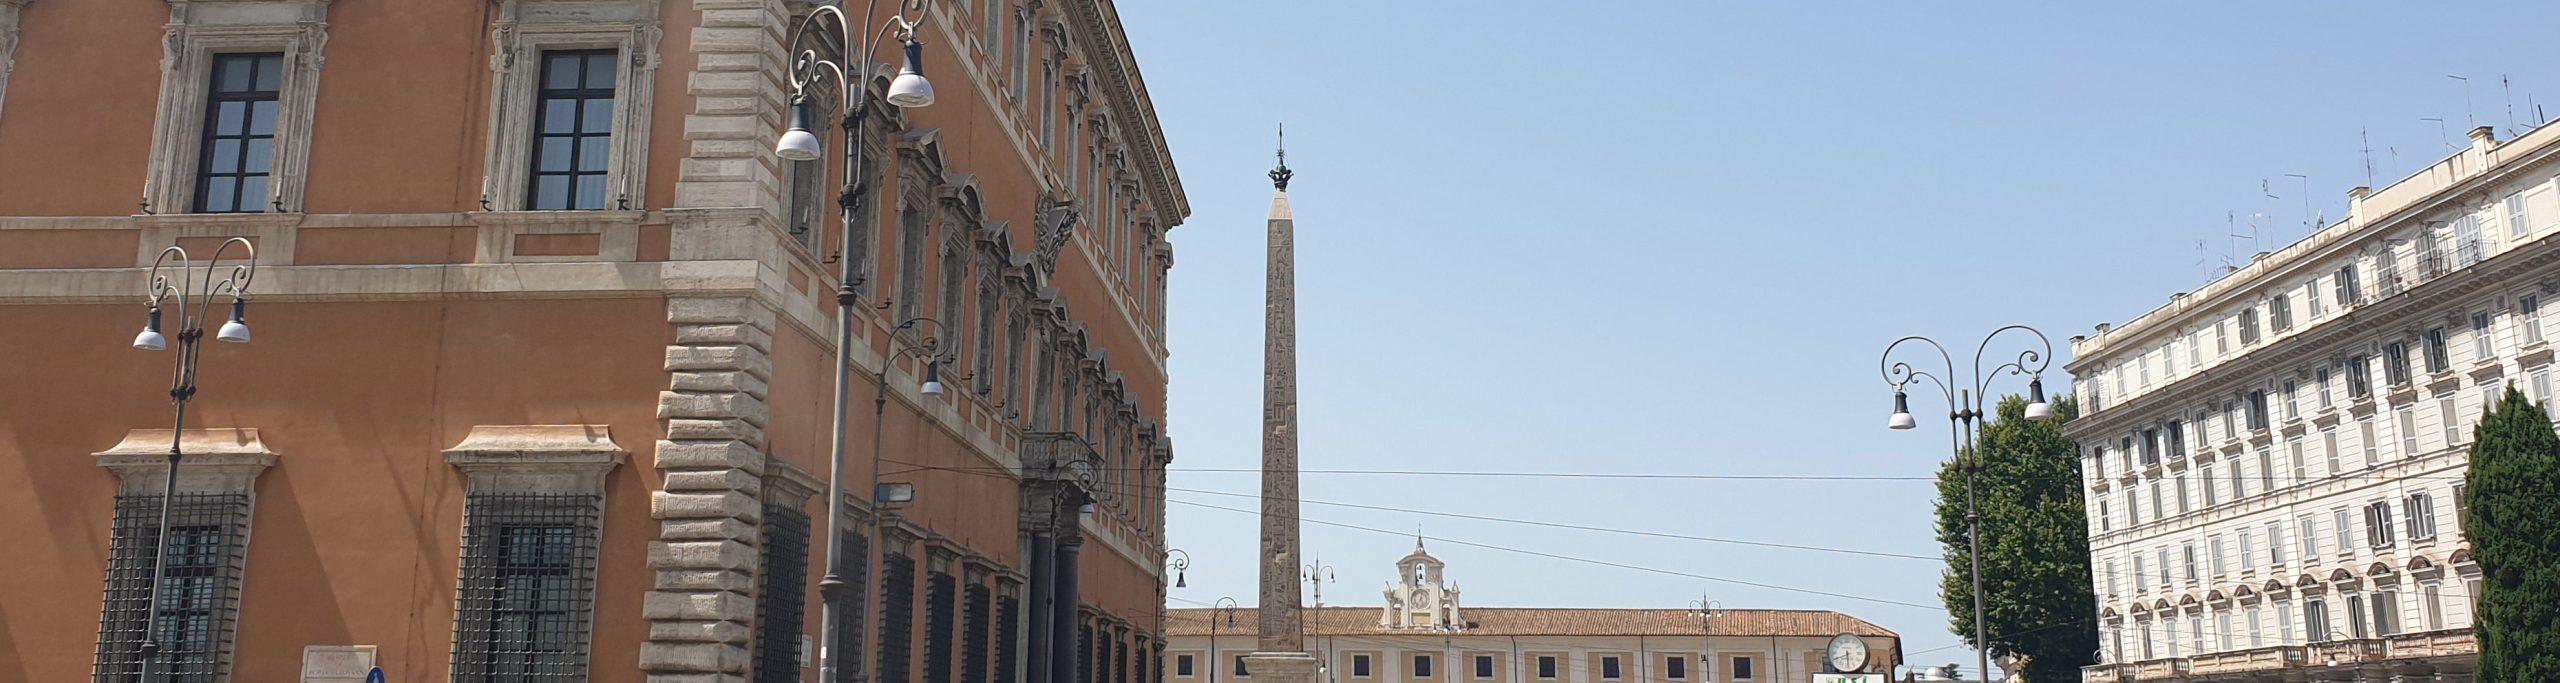 Lateran Obelisk